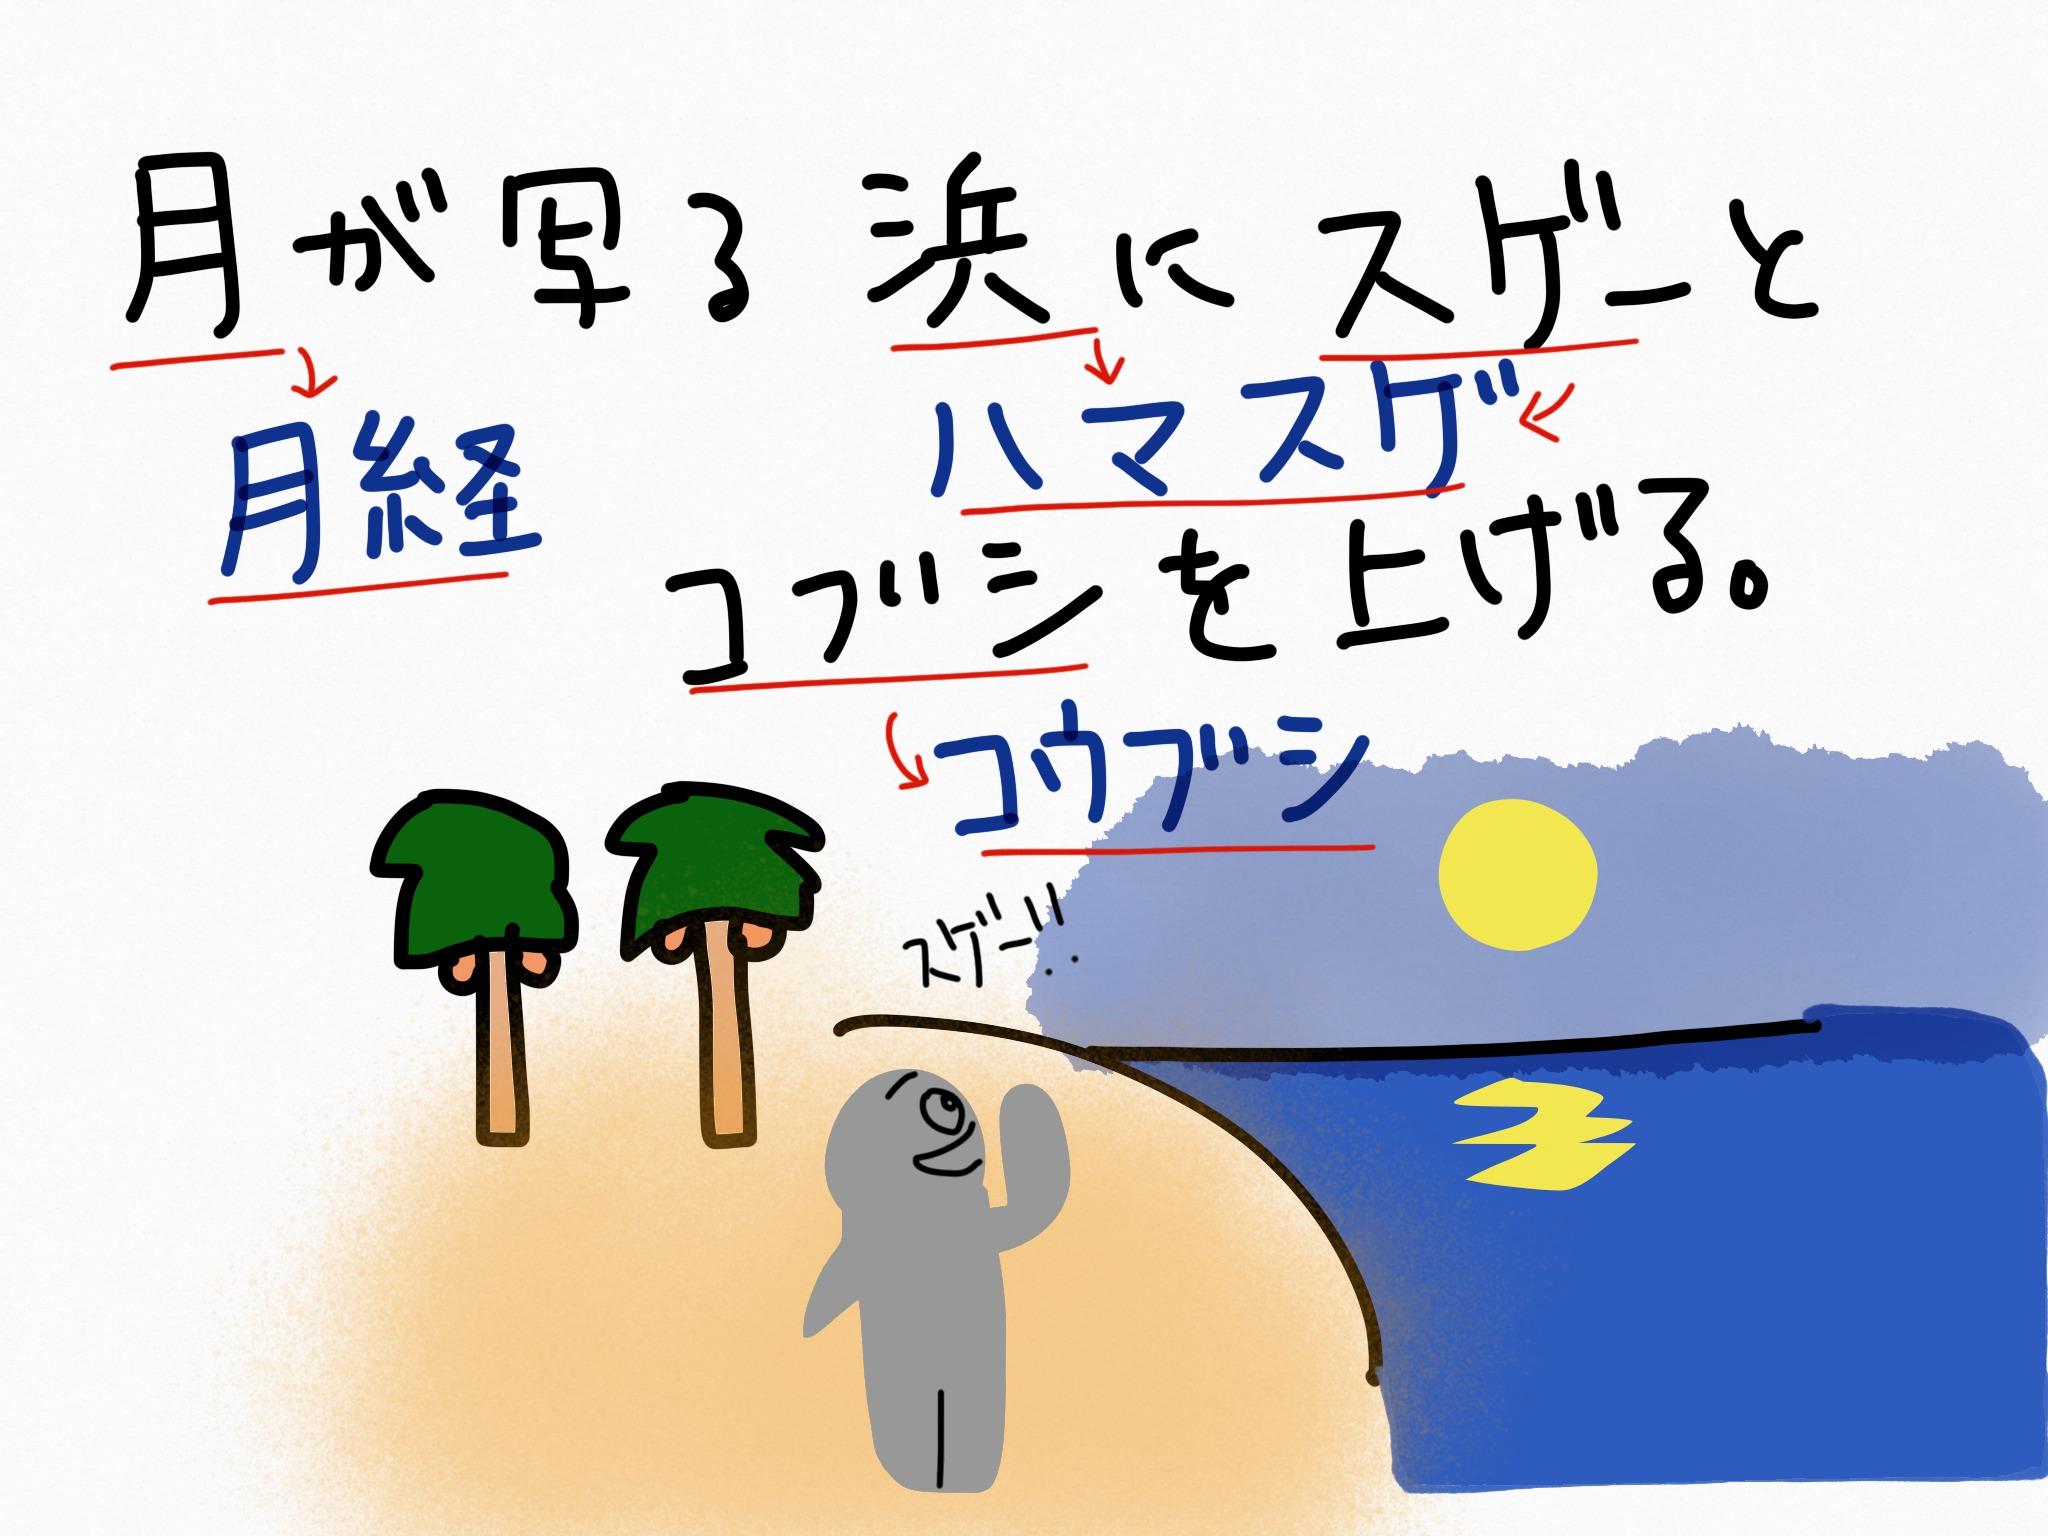 コウブシ[婦人薬等]生薬の覚え方・暗記方法・語呂合わせ